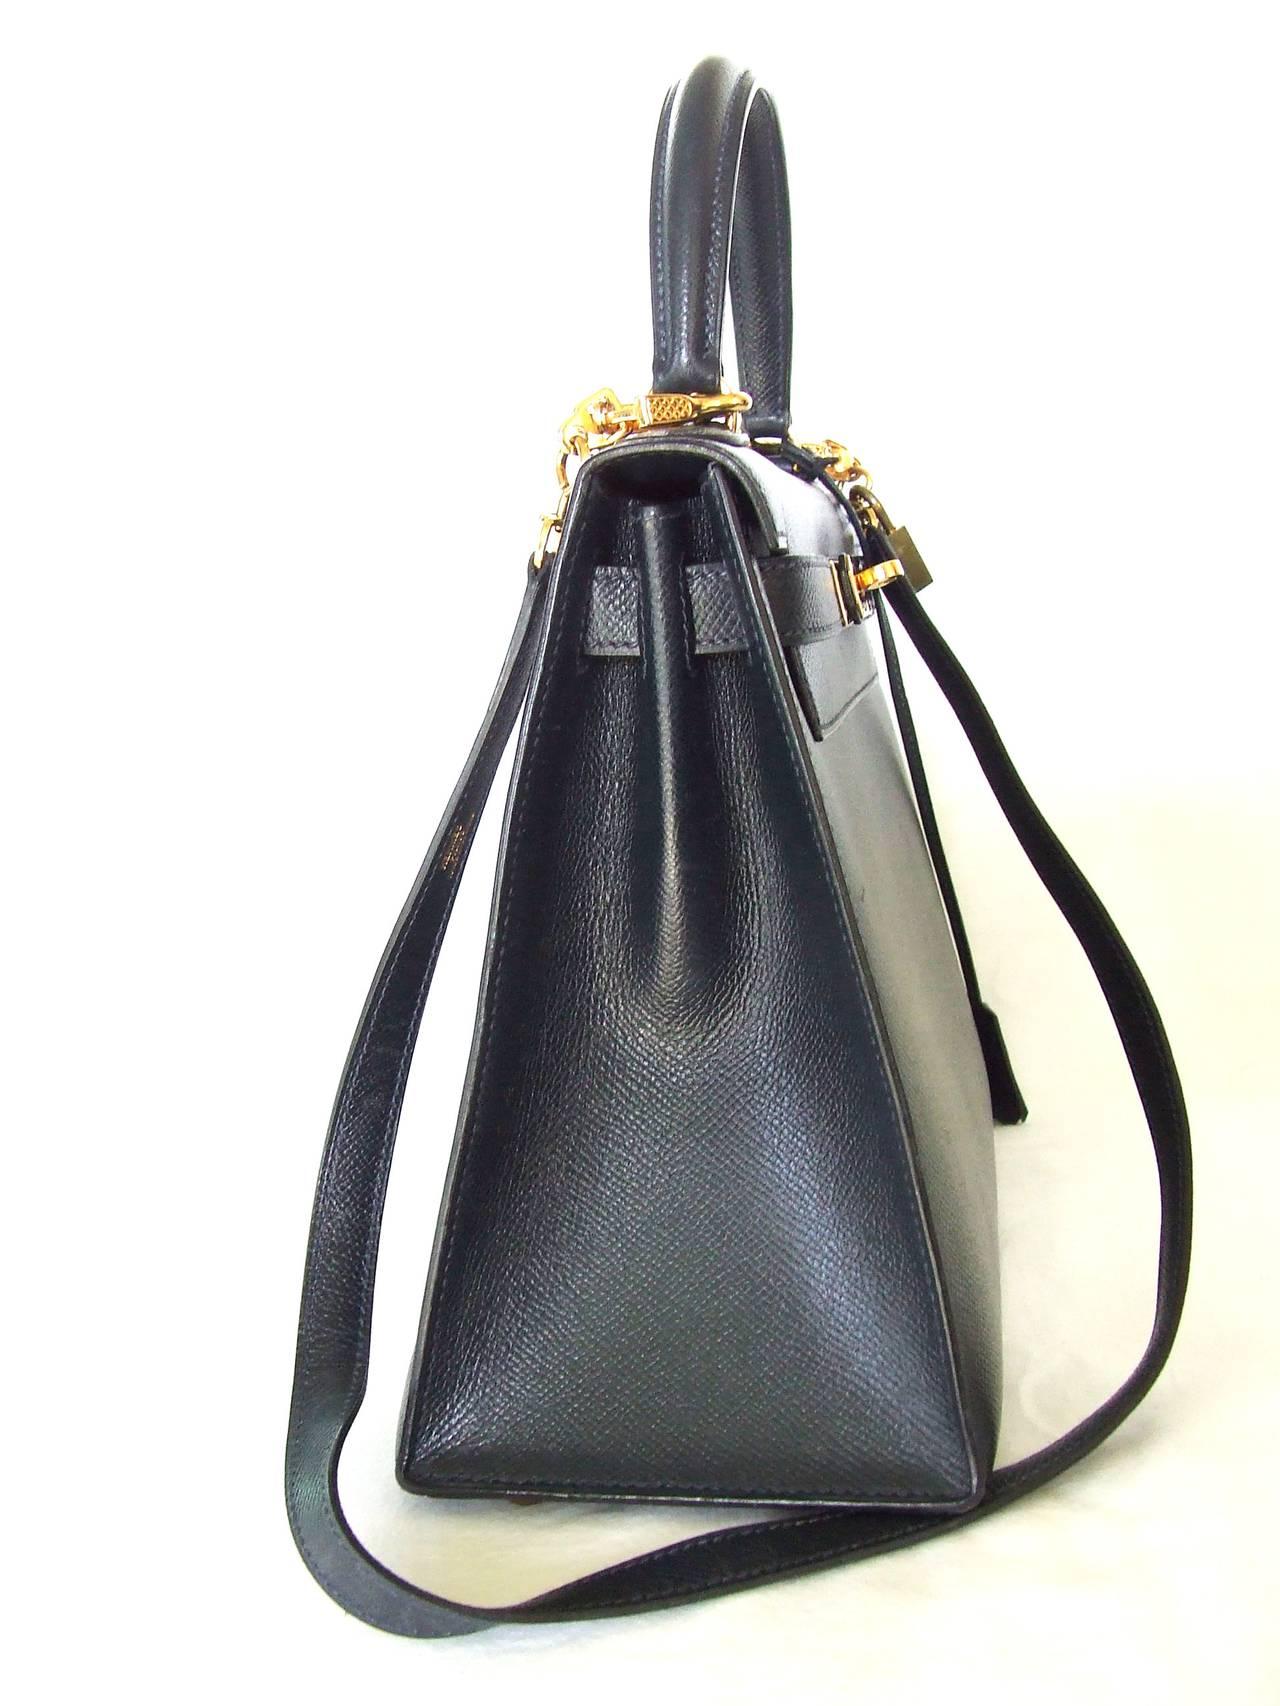 Women s Authentic Hermes Kelly 28 Sellier Bag Epsom Bleu Gold Hardware For  Sale 7378e1dfe8